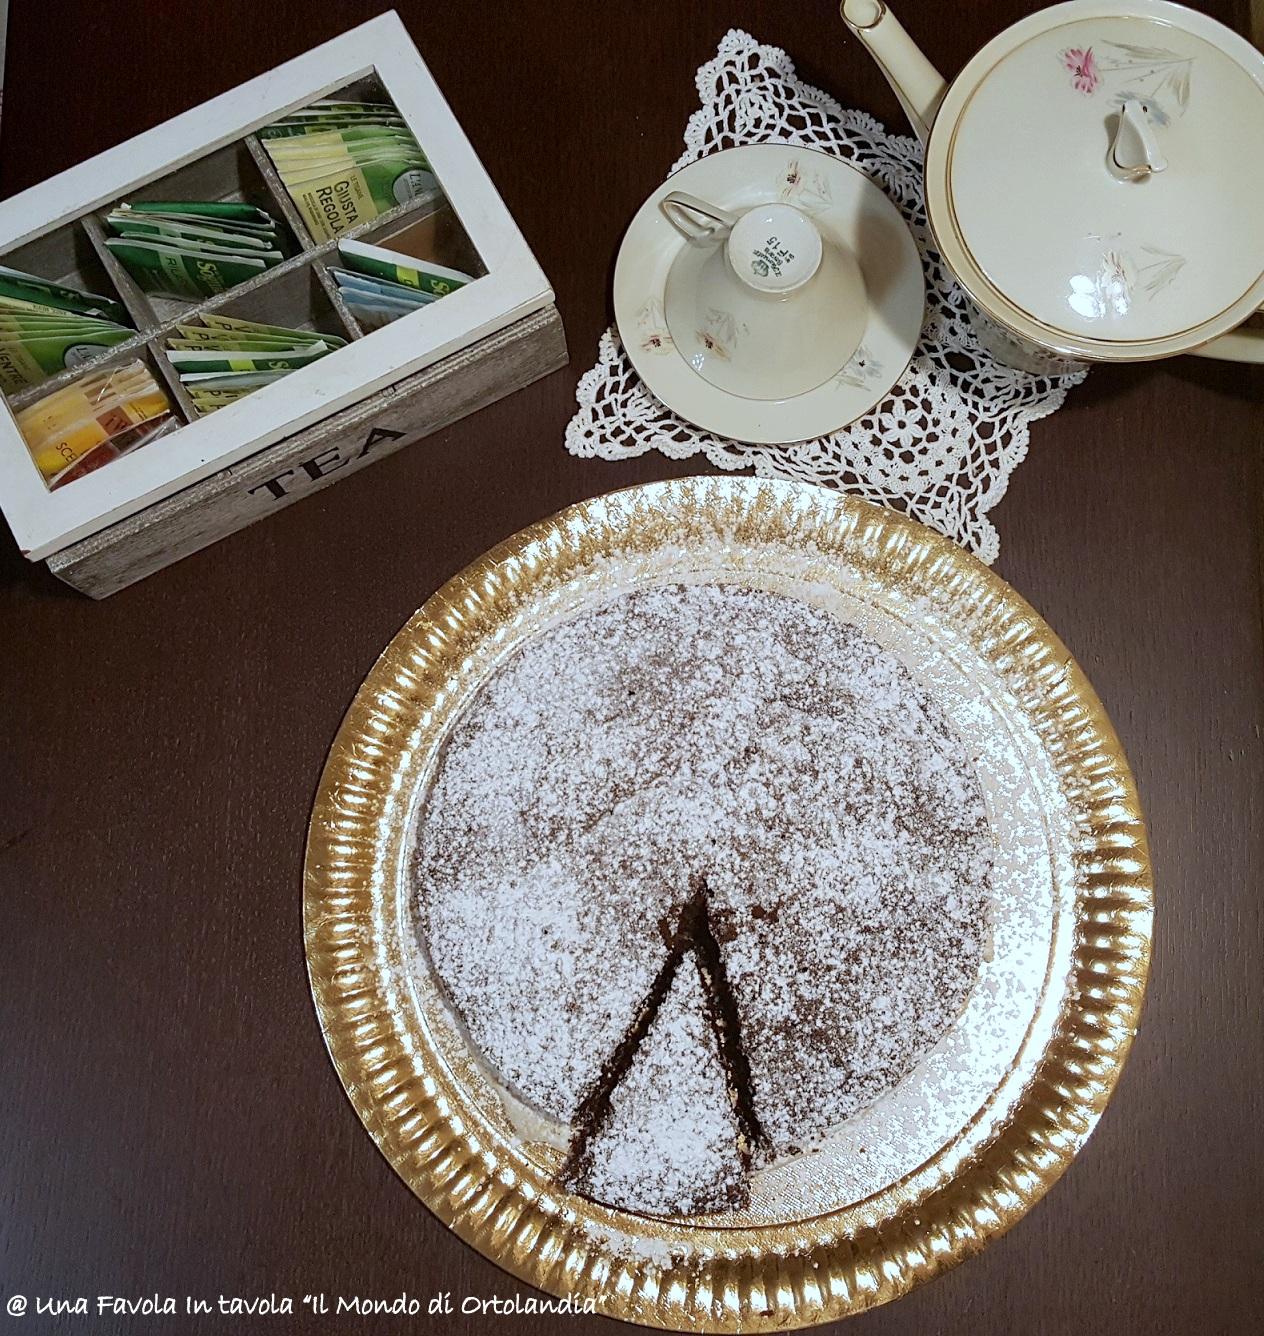 Torta al cioccolato con mandorle nocciole e cocco 2 for Aspetto rustico